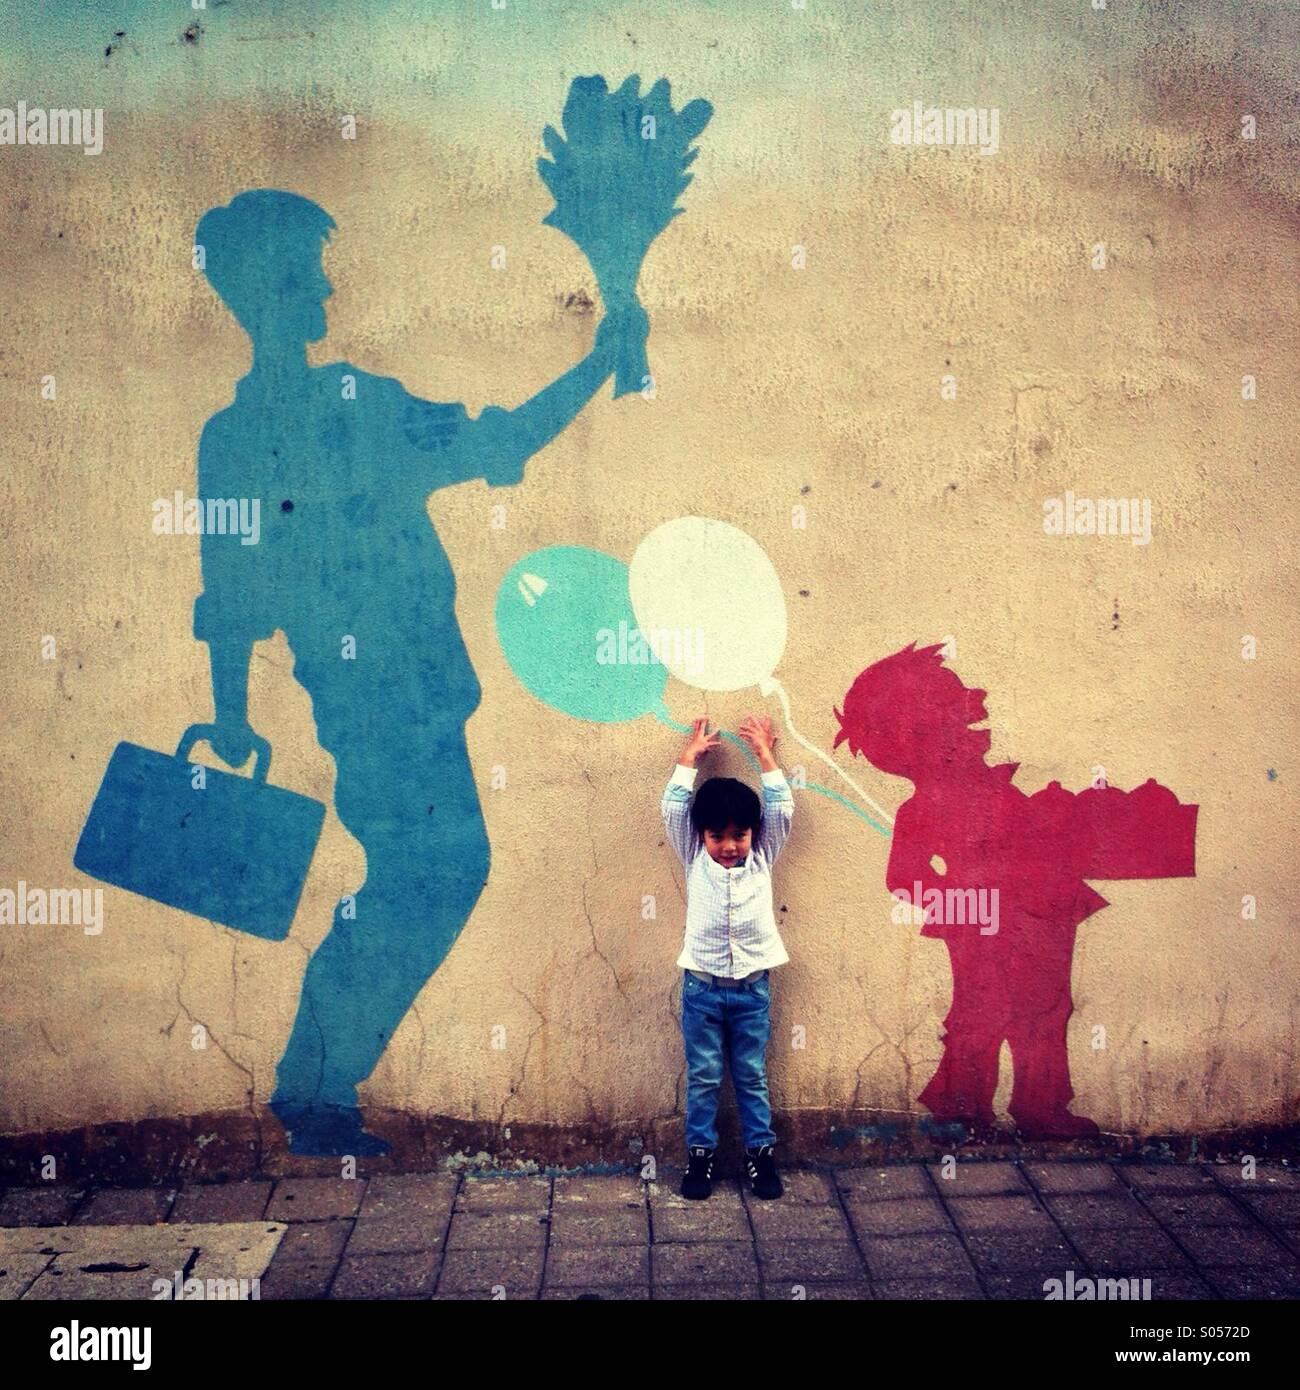 Petit garçon face caméra essaie d'atteindre pour le ballon peint sur le mur Banque D'Images